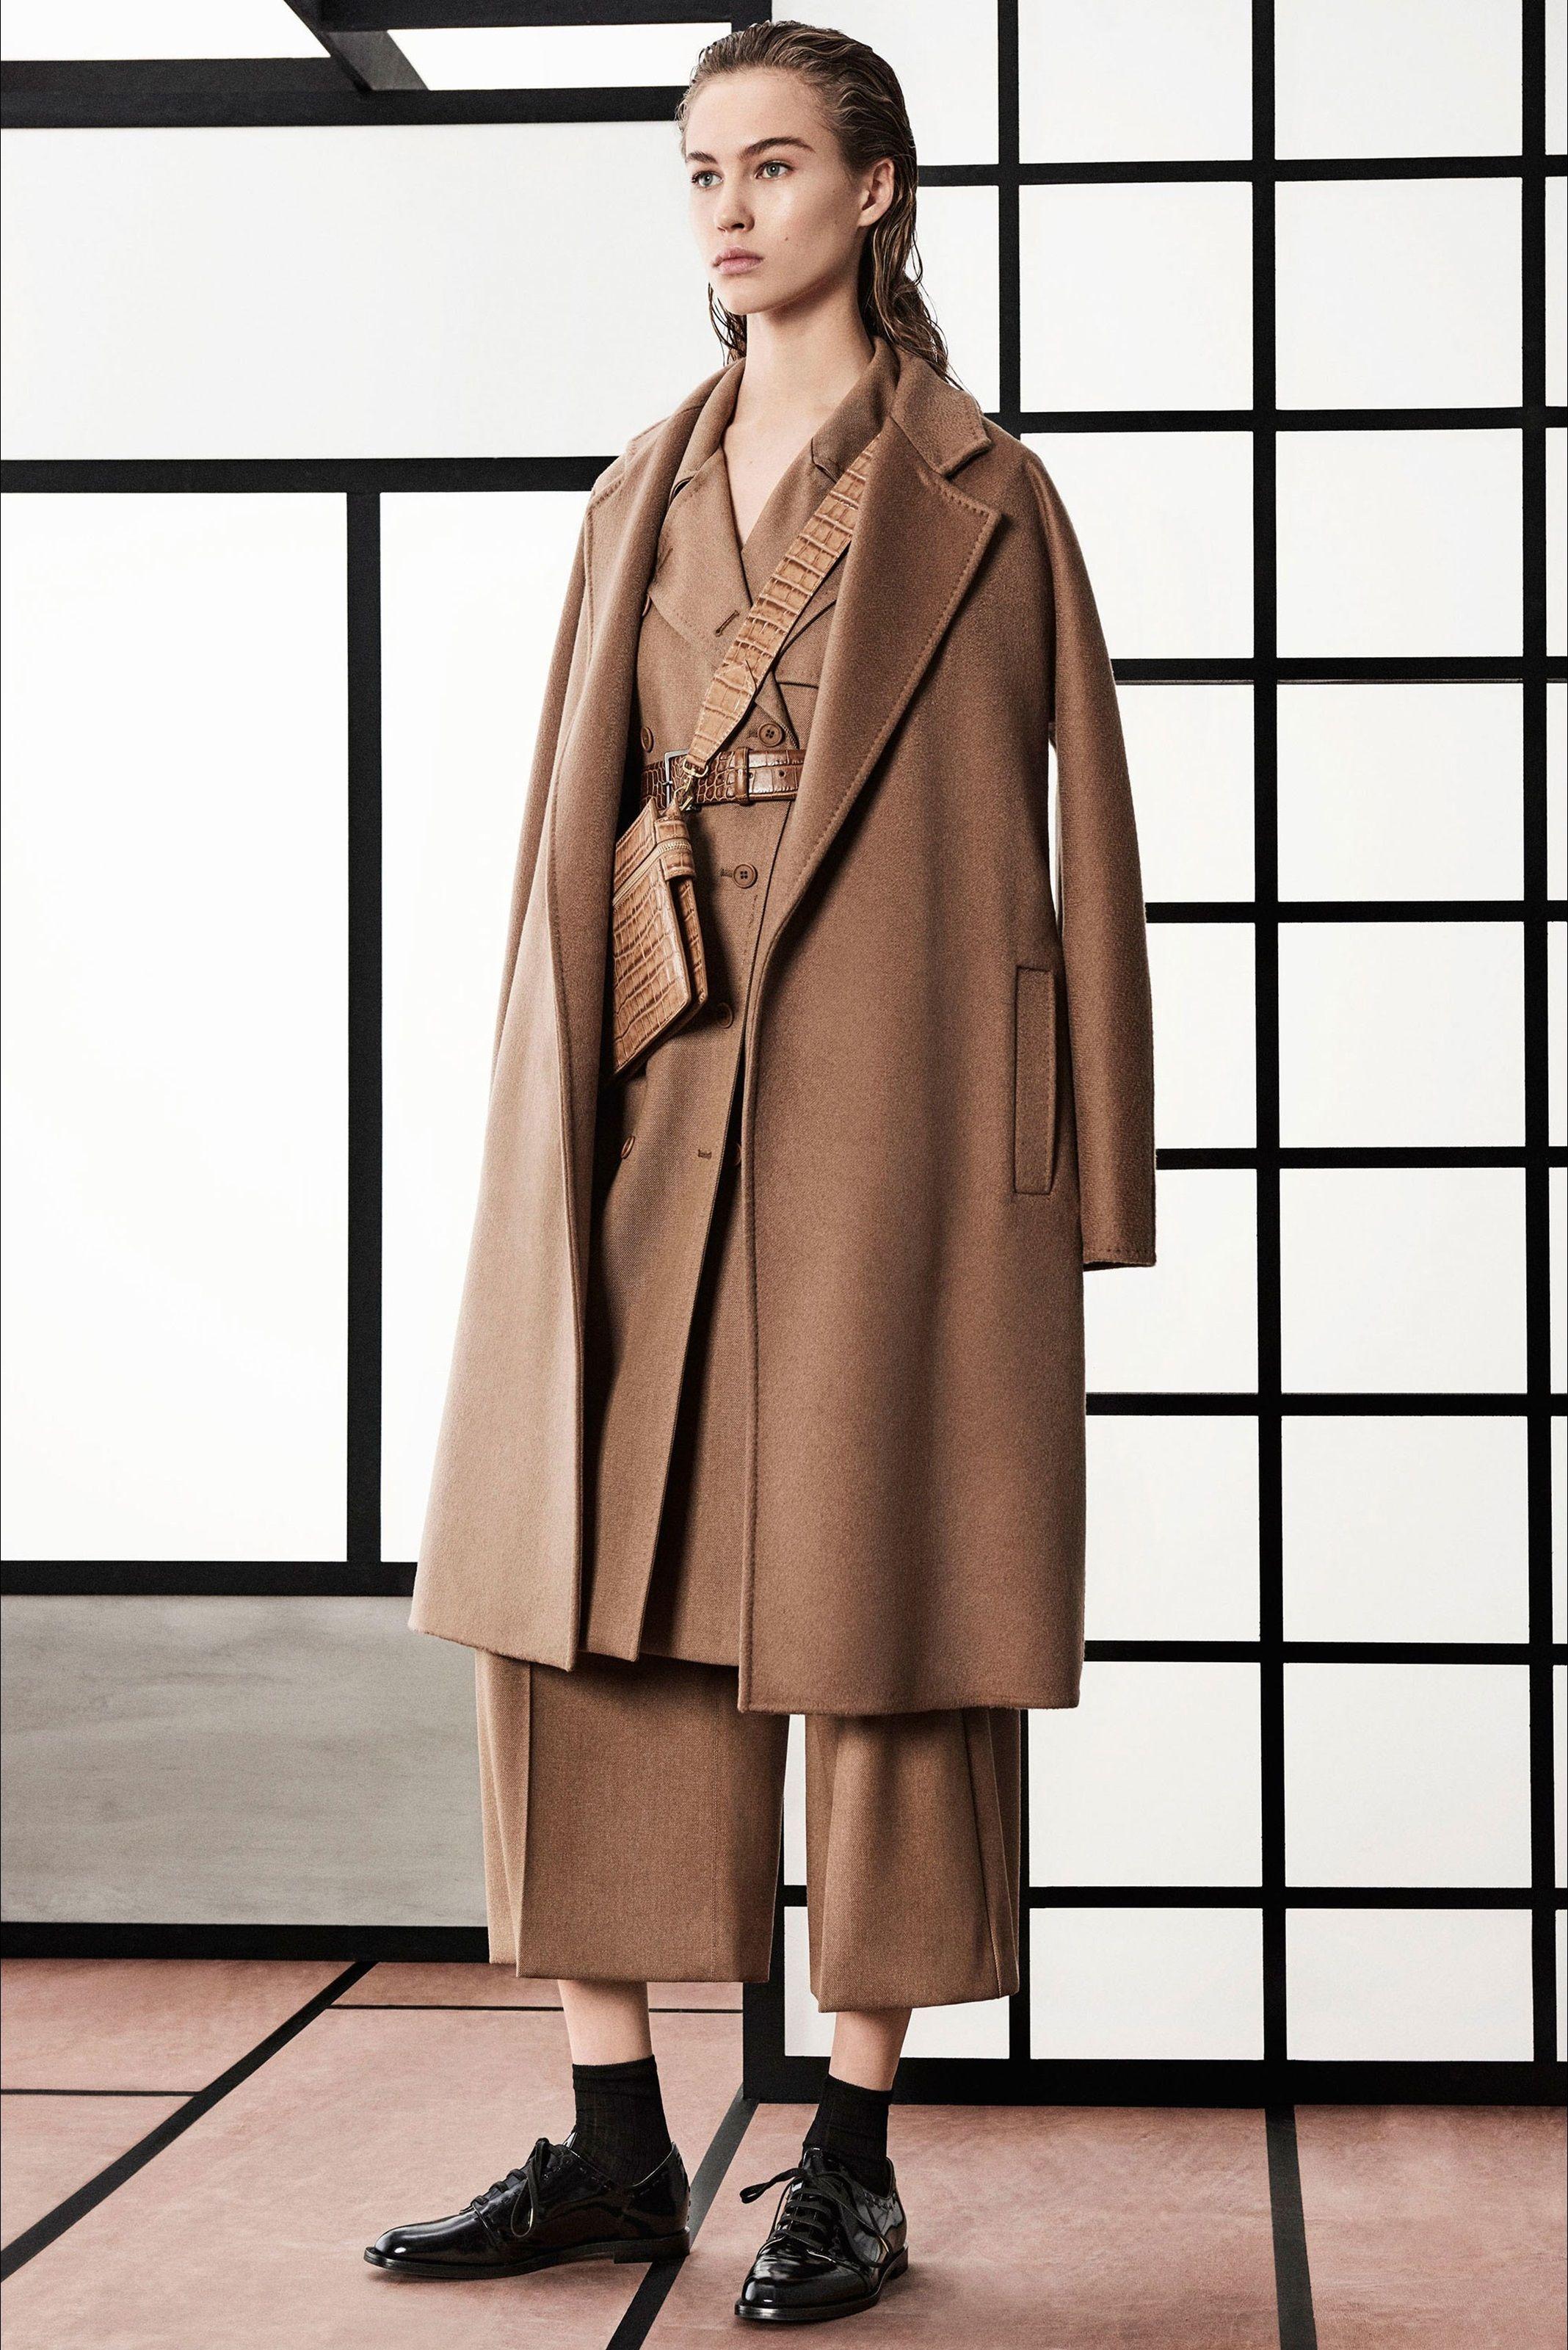 b3a96acd7a13e Sfilata Max Mara New York - Pre-Collezioni Autunno-Inverno 2018-19 - Vogue